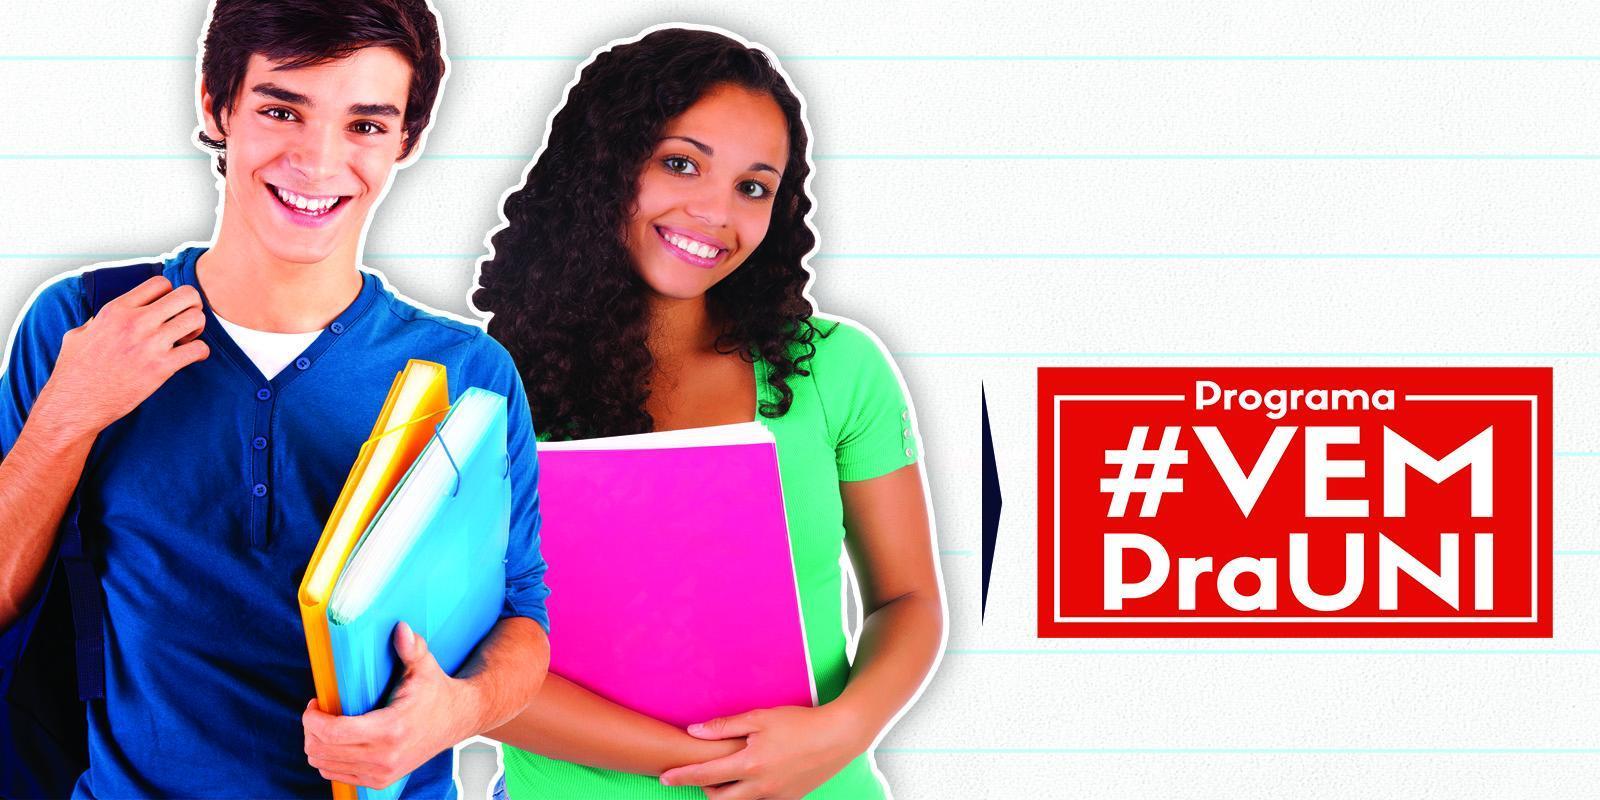 UNIFAAT lança novo programa para ajudar estudantes a ingressar no ensino universitário